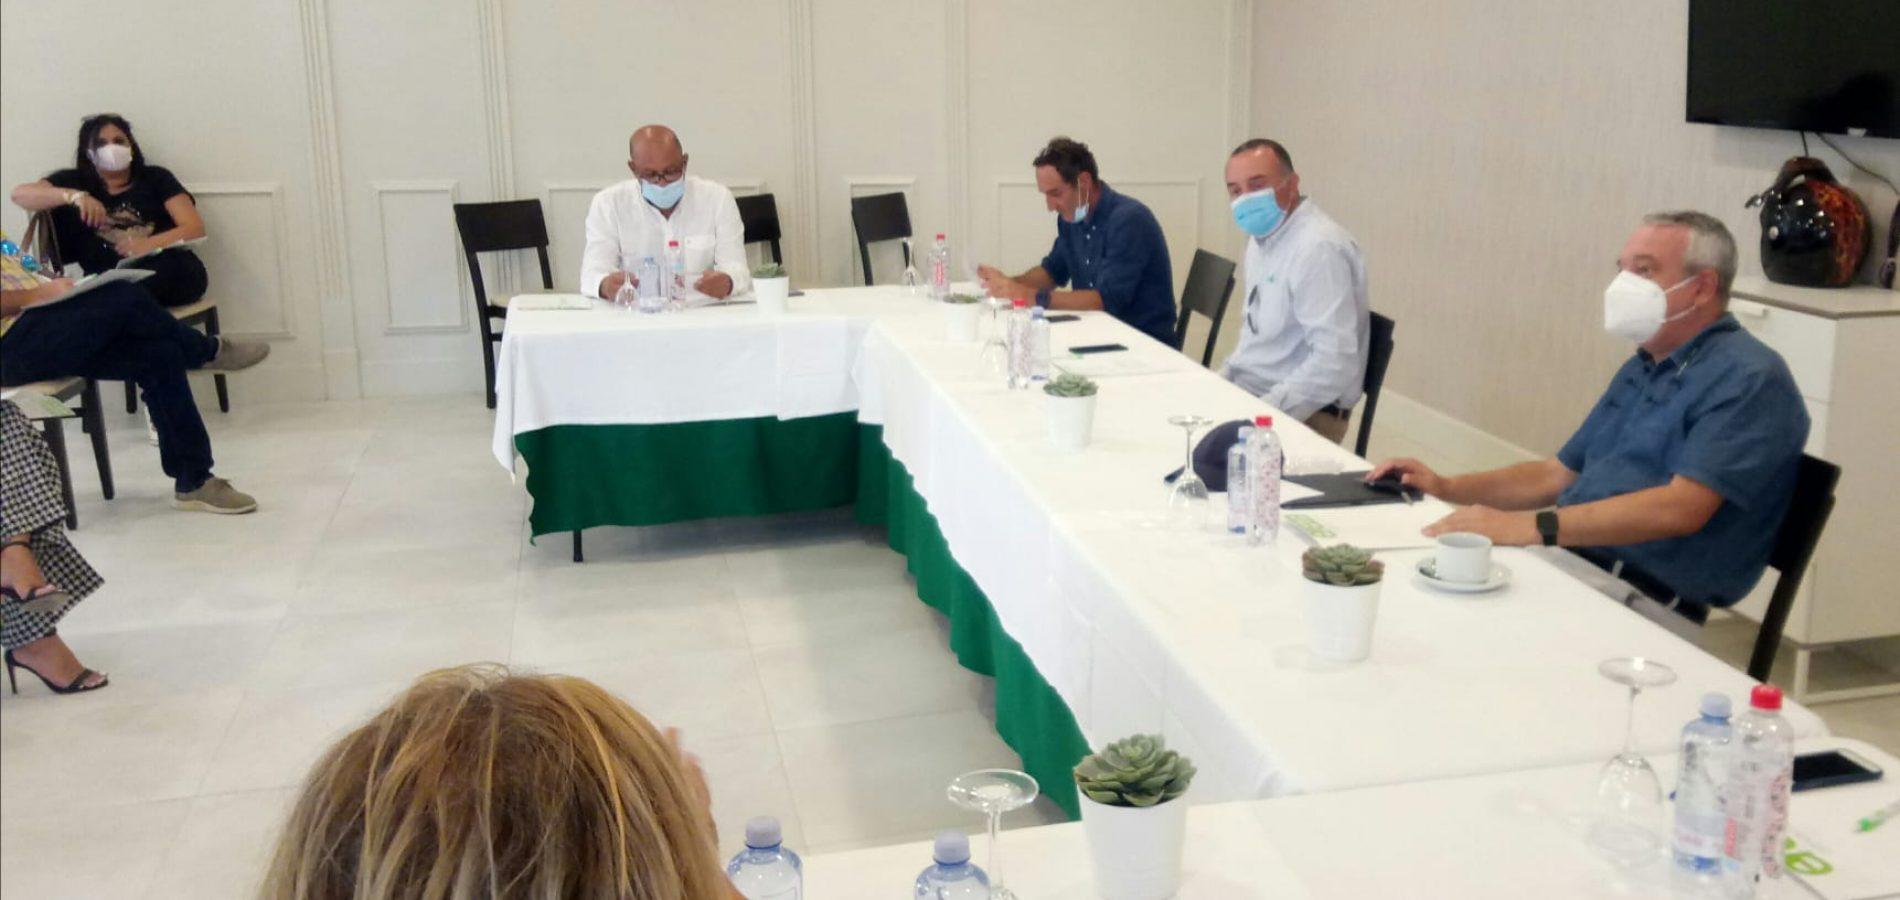 NOTA DE PRENSA: La Asamblea General de AECA renueva su confianza en la Junta Directiva.